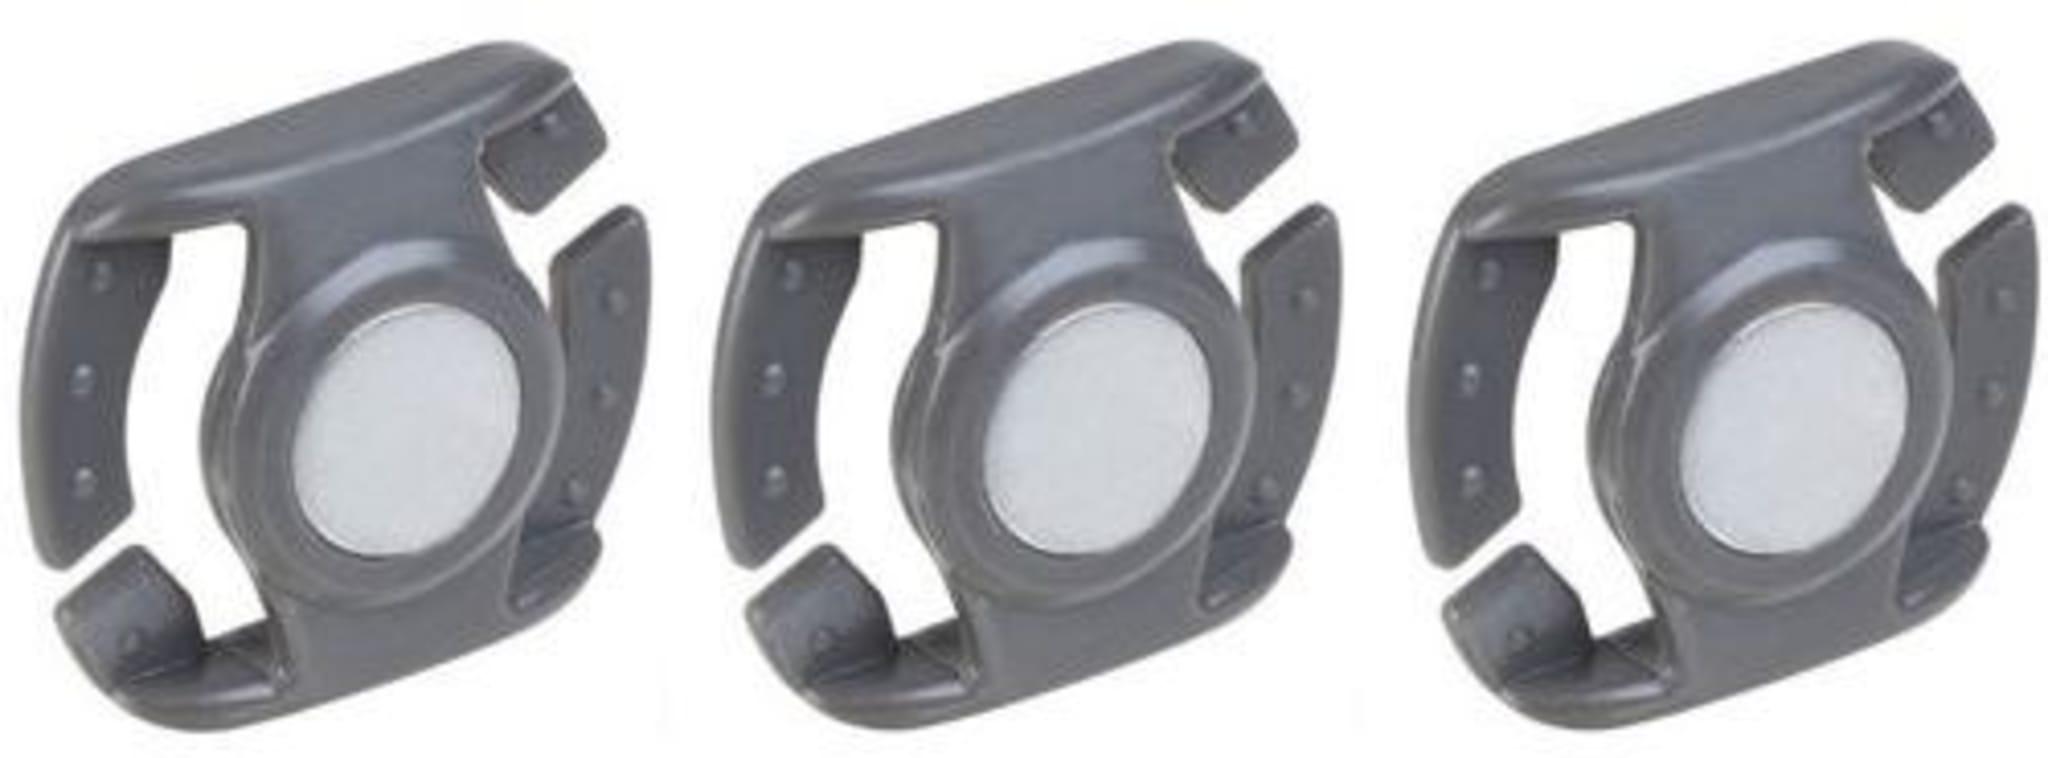 Ekstra avtakbar magnet for Osprey drikkesystem